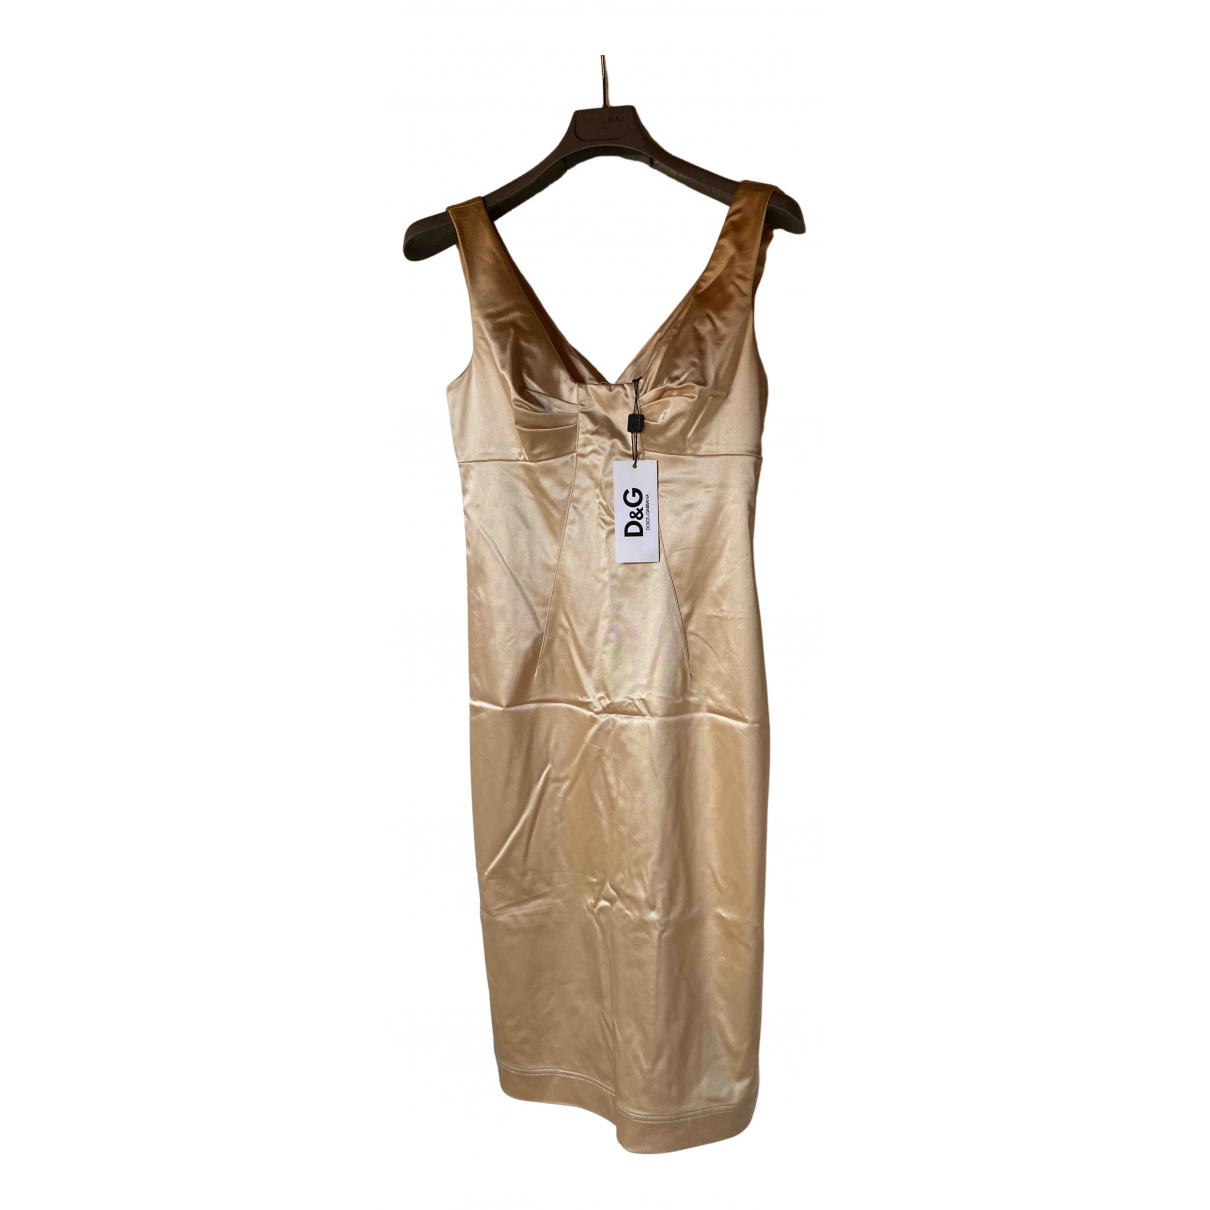 D&g \N Kleid in  Beige Synthetik